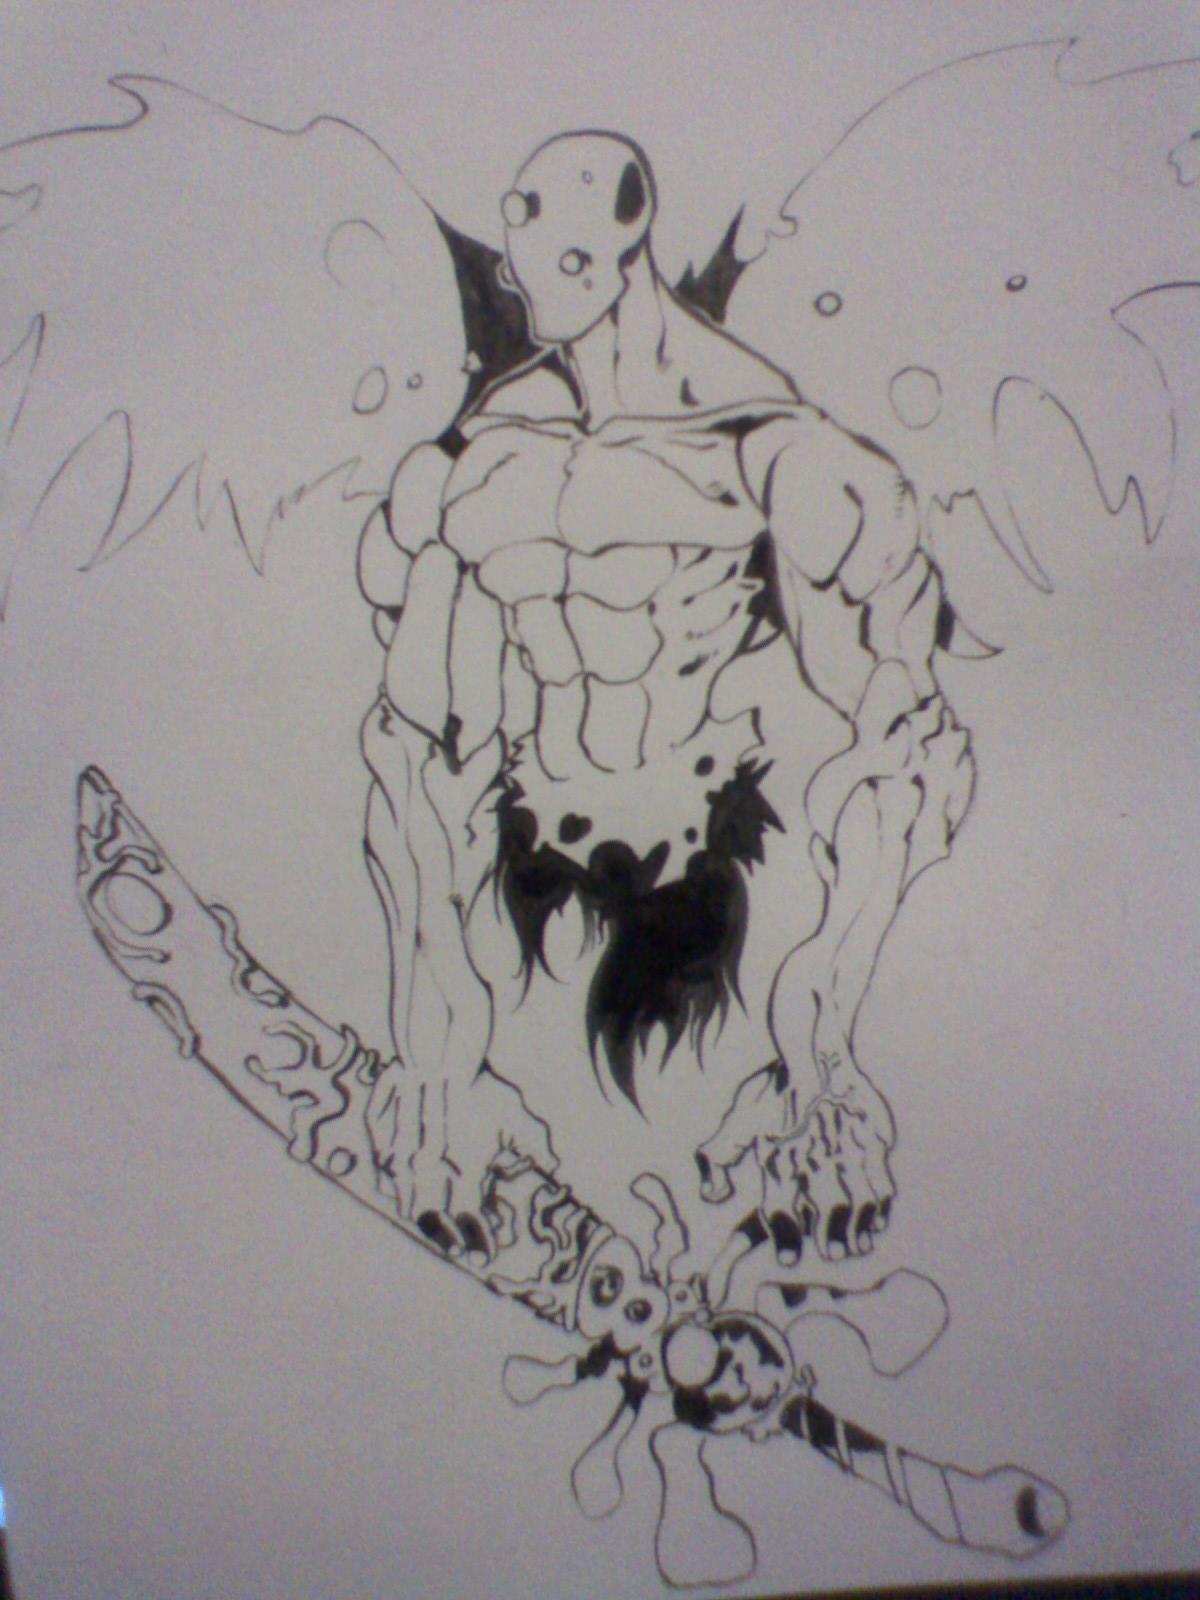 Daemon_by_travis111.jpg